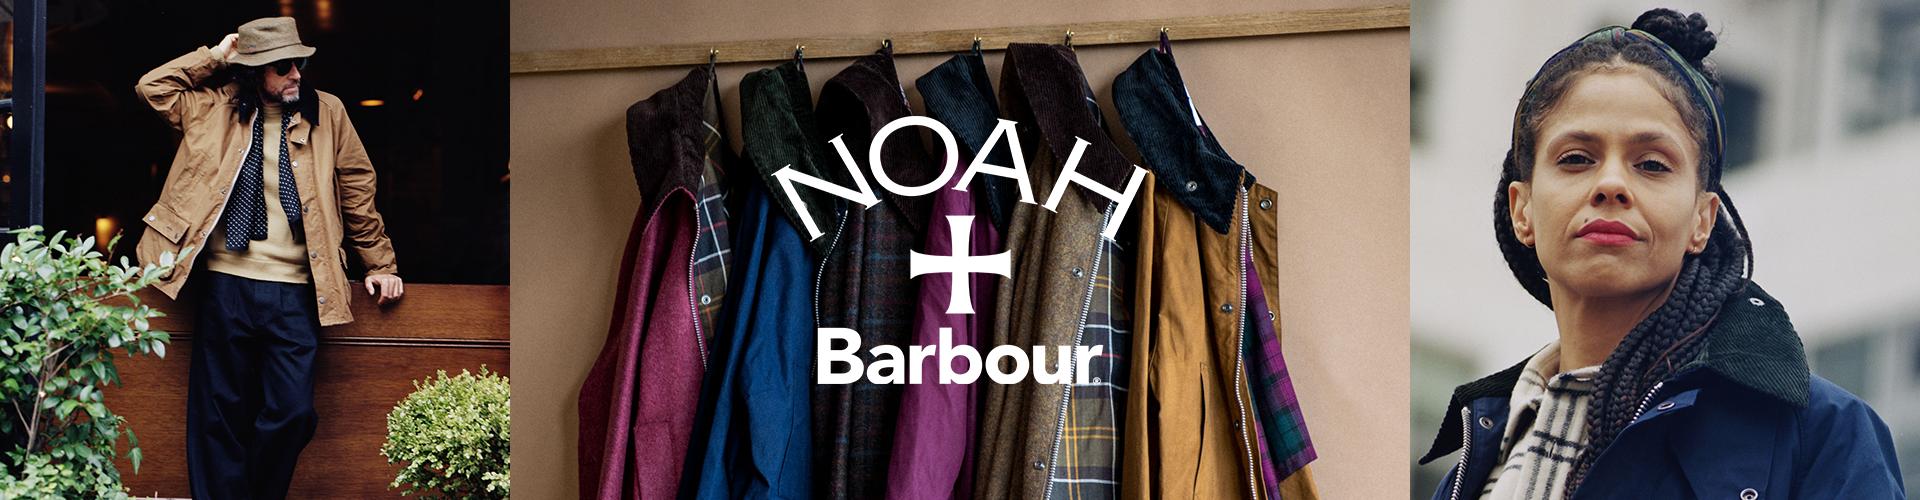 Barbour X Noah AW21